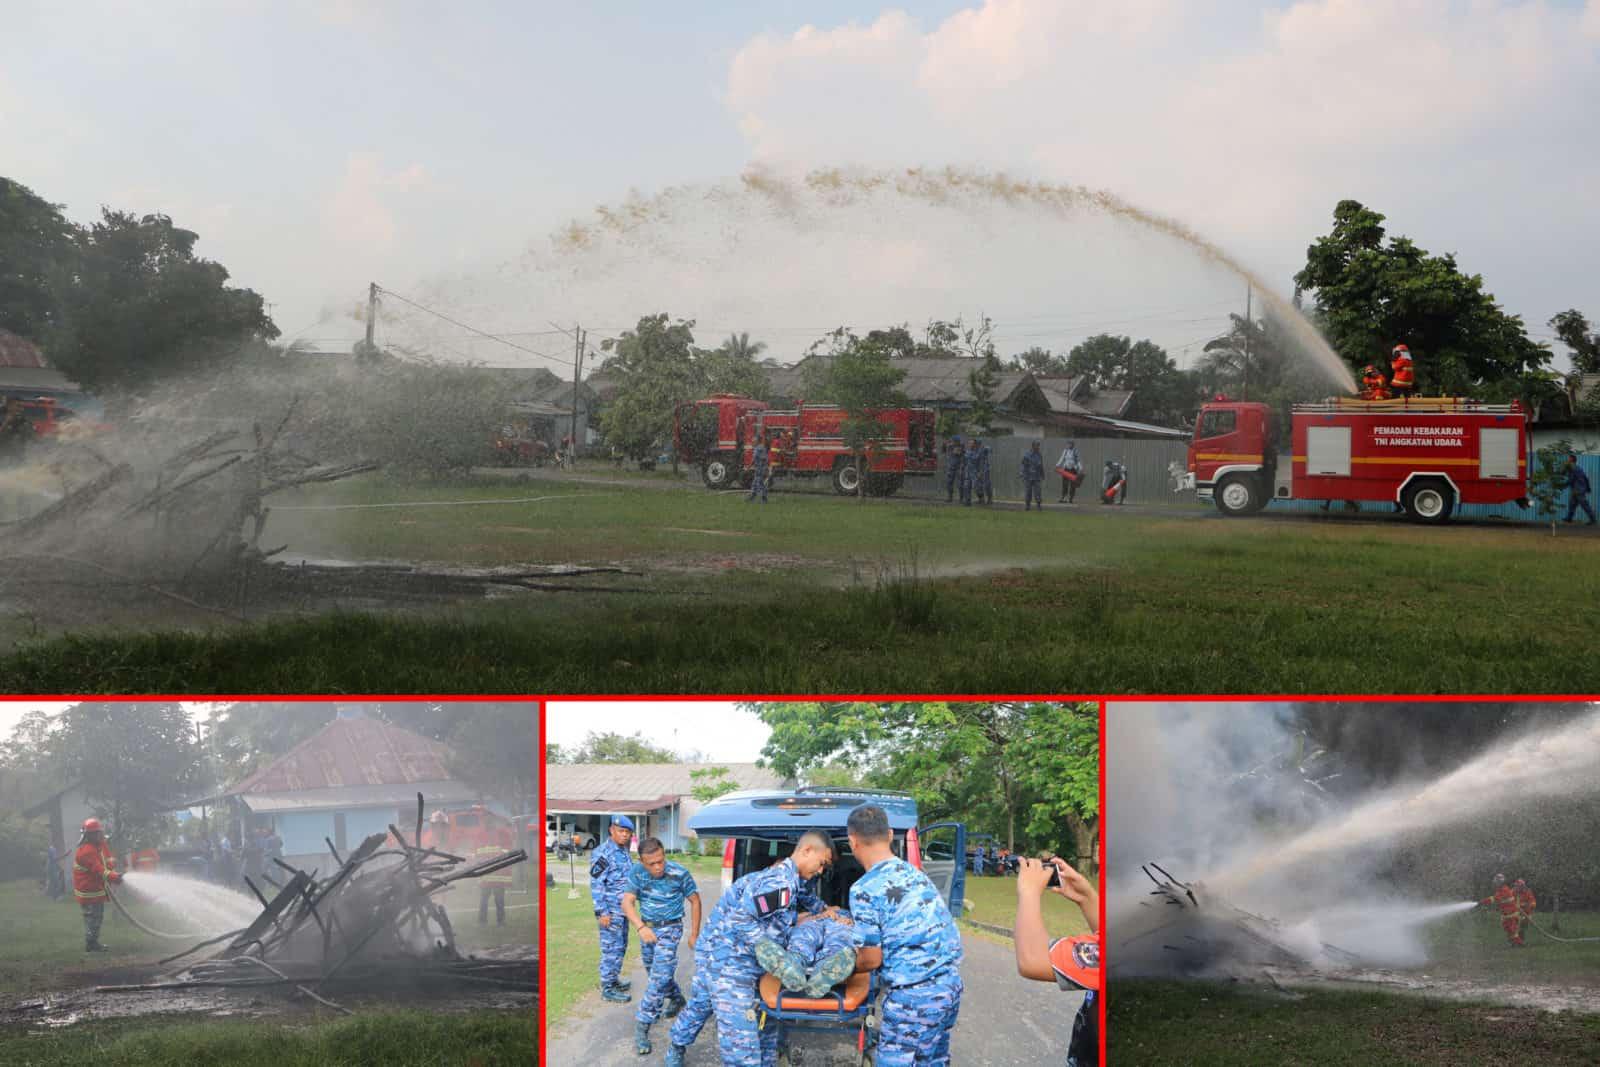 Kebakaran di Lanud Rsn, Dua Orang Menjadi Korban